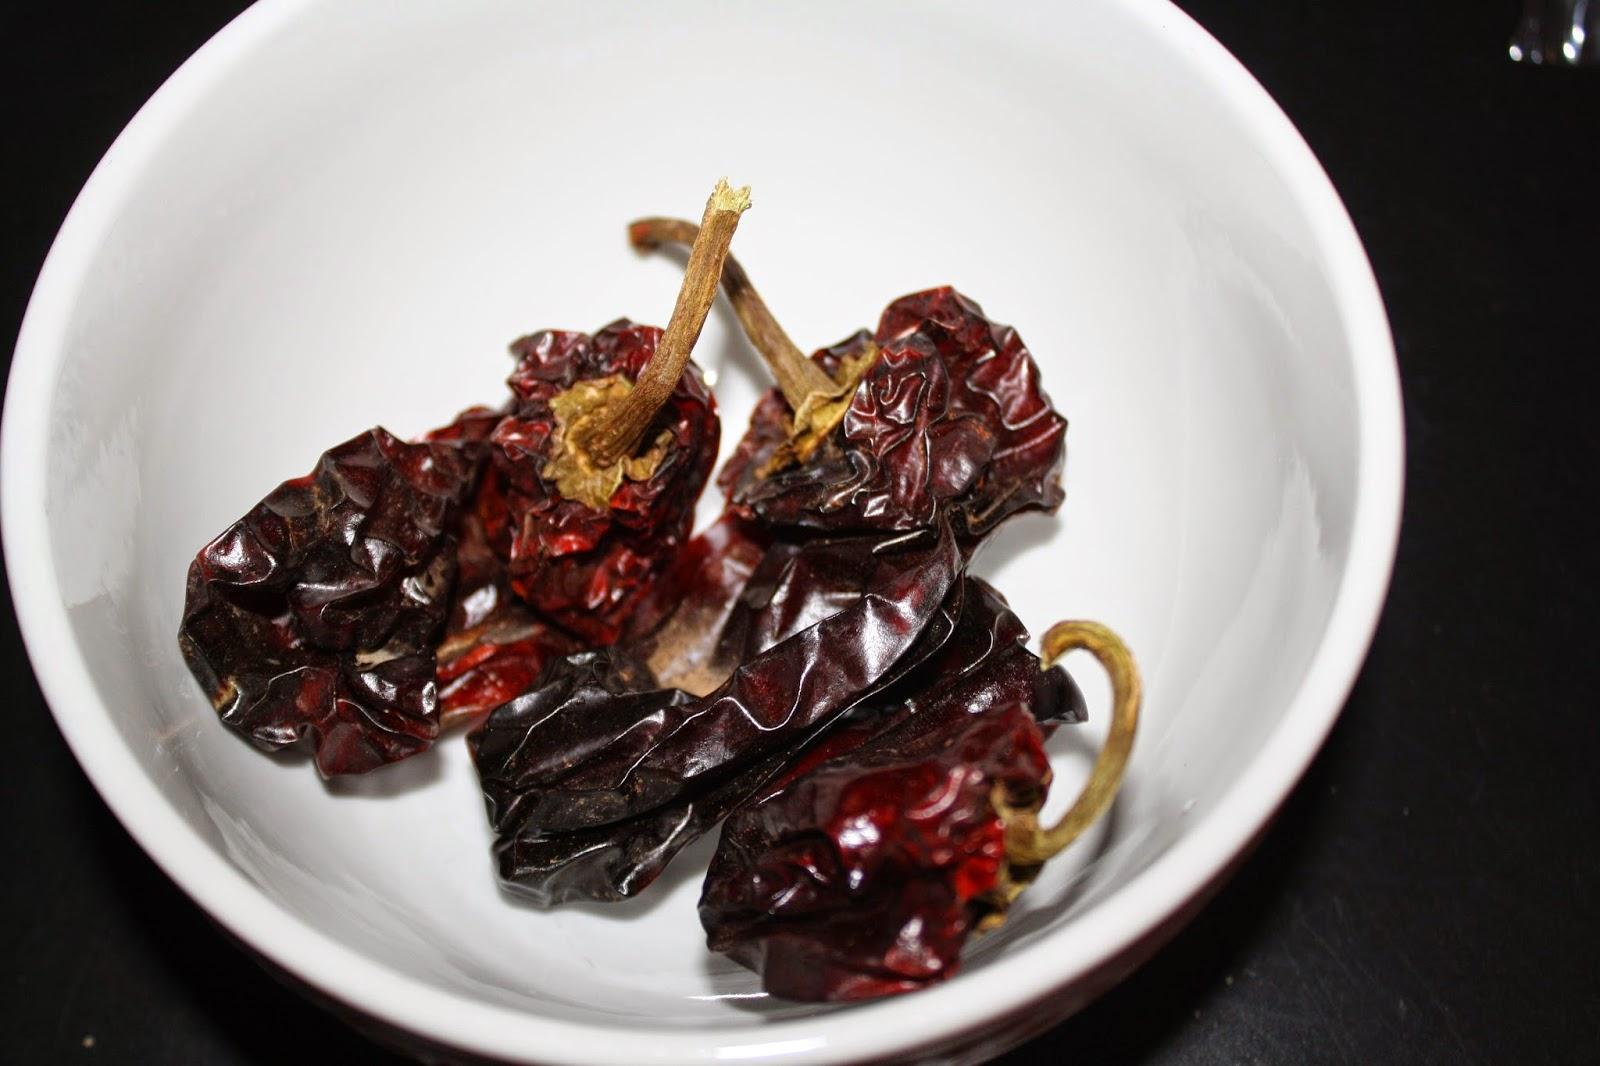 chili con carne cucina tex-mex